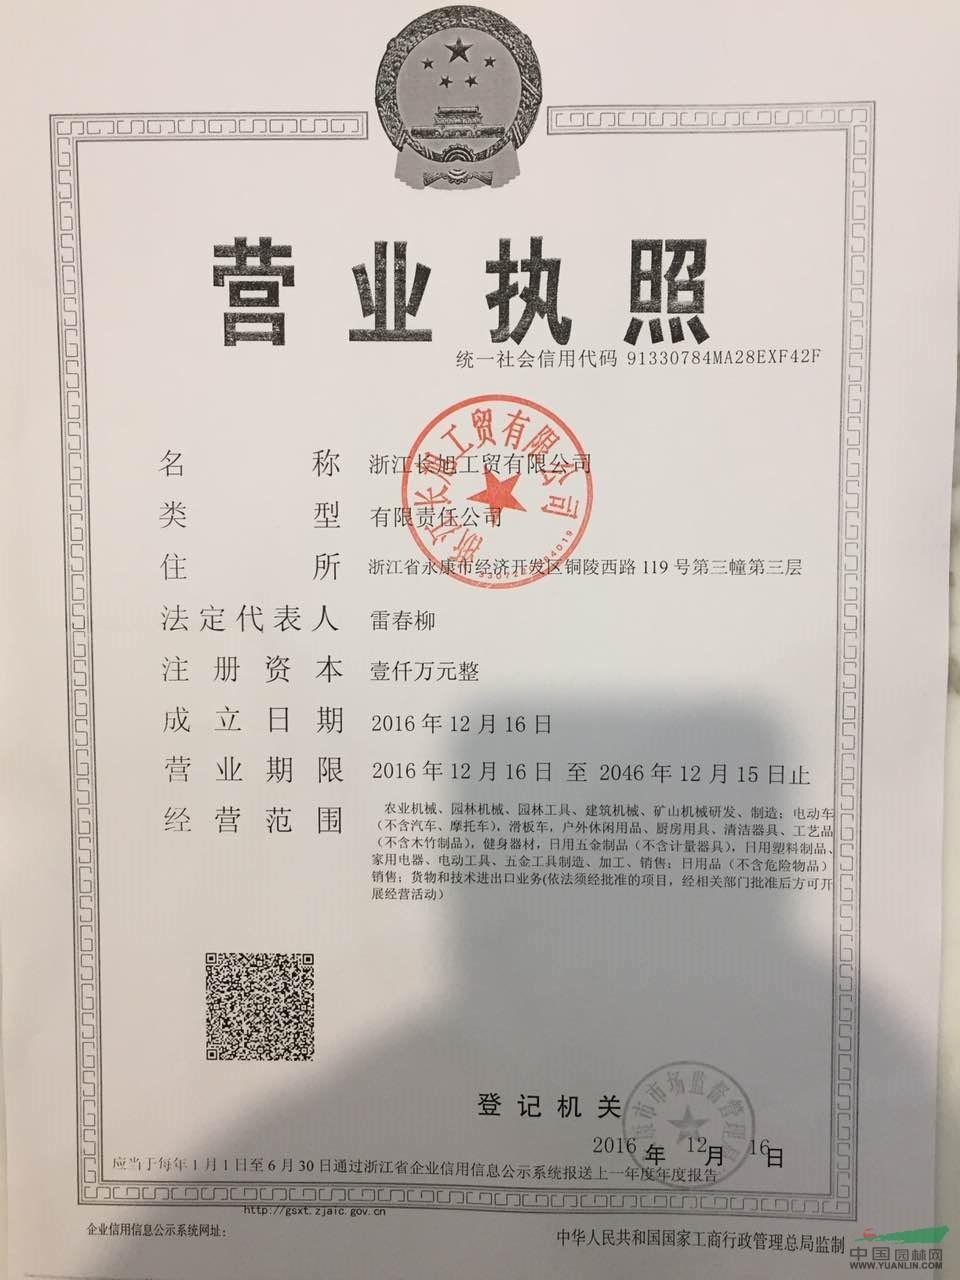 浙江长旭工贸有限公司